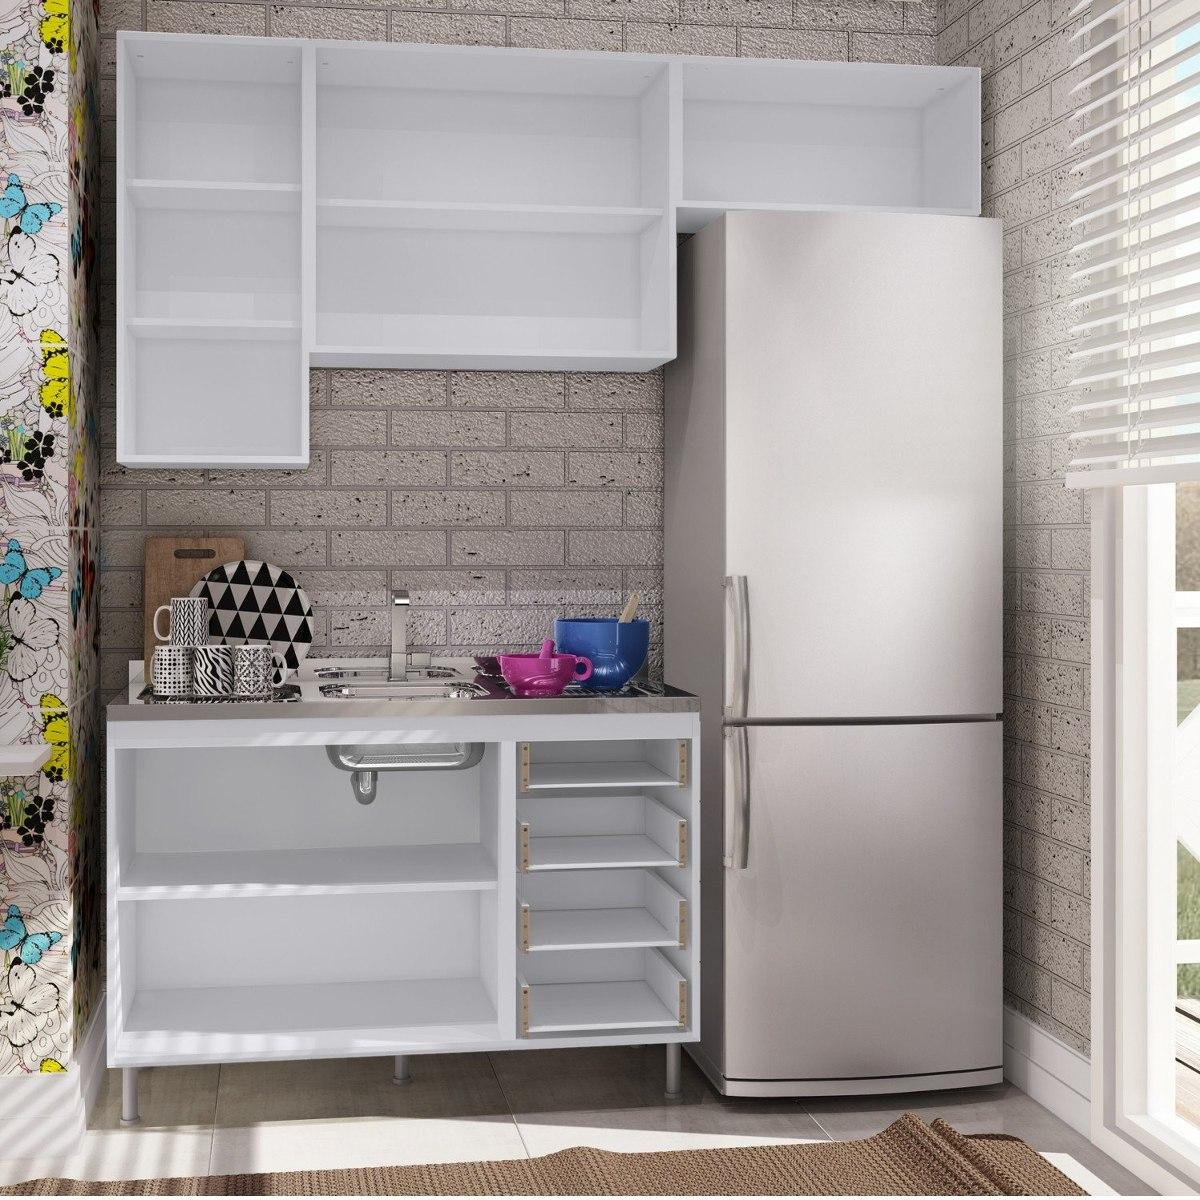 Cozinha Completa Com Balc O Sem Tampo 4 Pe As Bella I R 819 90 Em